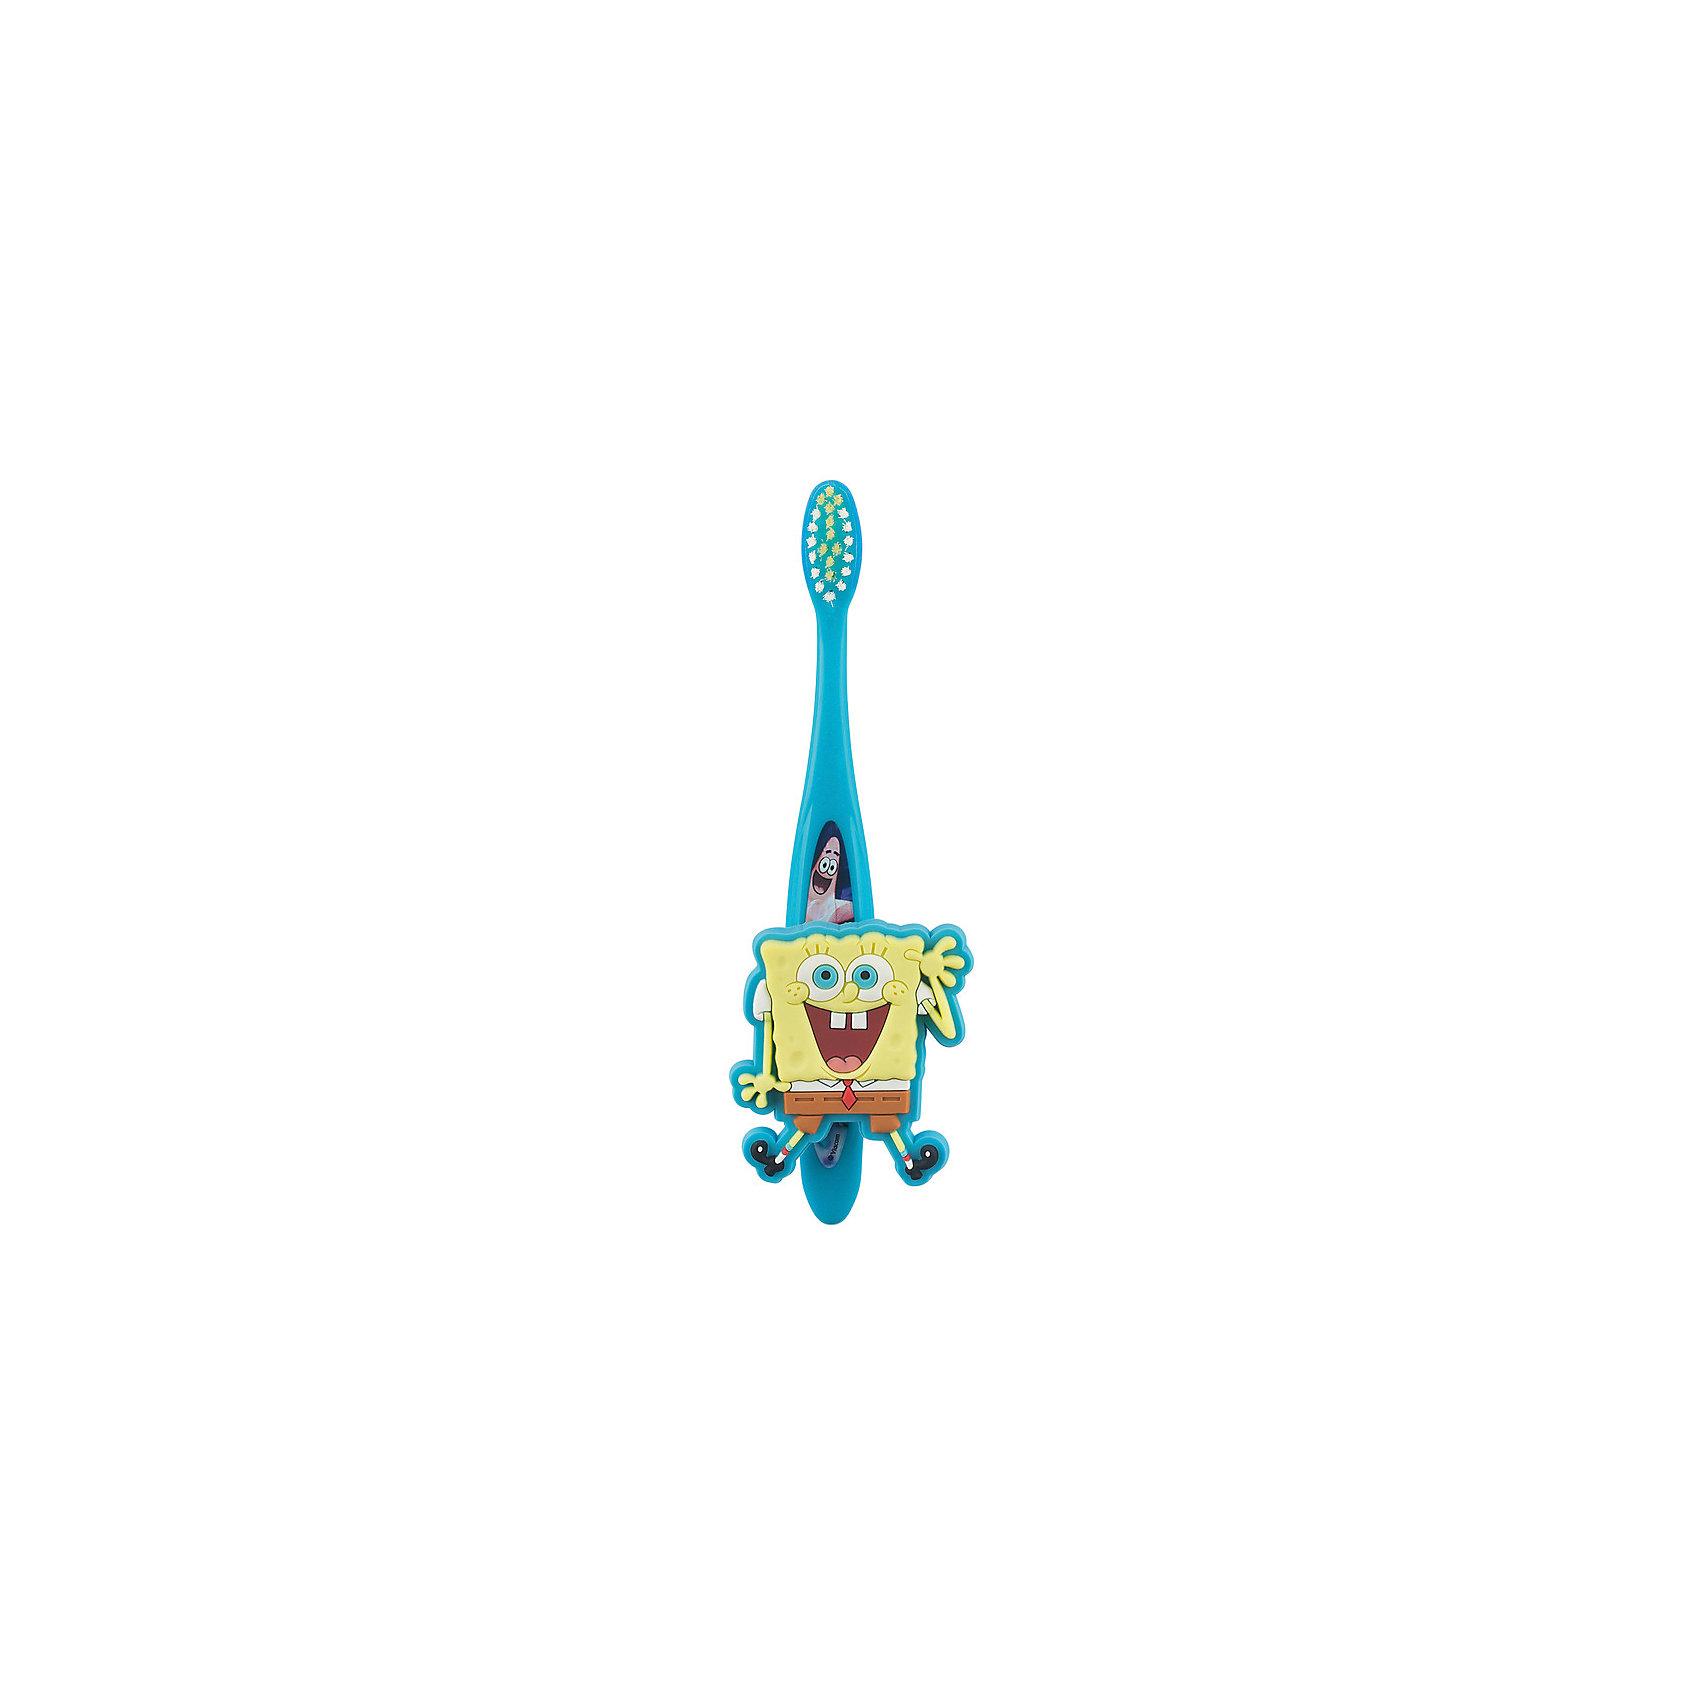 Зубная щетка Sponge Bob с настенным держателем, FireflyЗубные щетки<br>Характеристика:<br><br>- Возраст: от 3 лет.<br>- Мягкая щетина.<br>- Цвет: желтый.<br><br>Яркая зубная щетка Sponge Bob стала еще удобнее, теперь ее можно отдельно крепить к стене или раковине!<br><br>Зубную щетку Sponge Bob с настенным держателем, от Firefly, можно купить в нашем магазине.<br><br>Ширина мм: 150<br>Глубина мм: 50<br>Высота мм: 20<br>Вес г: 50<br>Возраст от месяцев: 36<br>Возраст до месяцев: 84<br>Пол: Унисекс<br>Возраст: Детский<br>SKU: 5111429